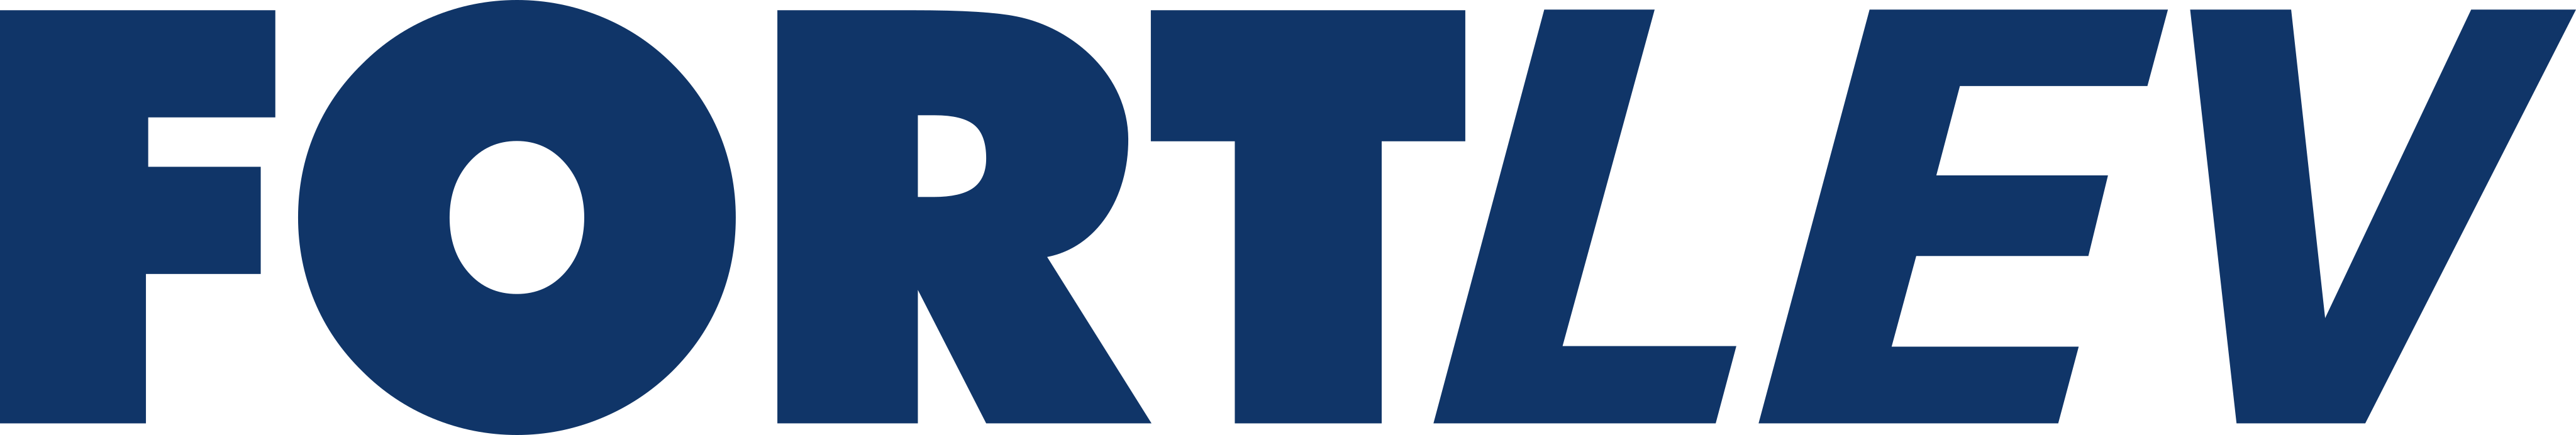 fortlev logo - Fortlev Logo